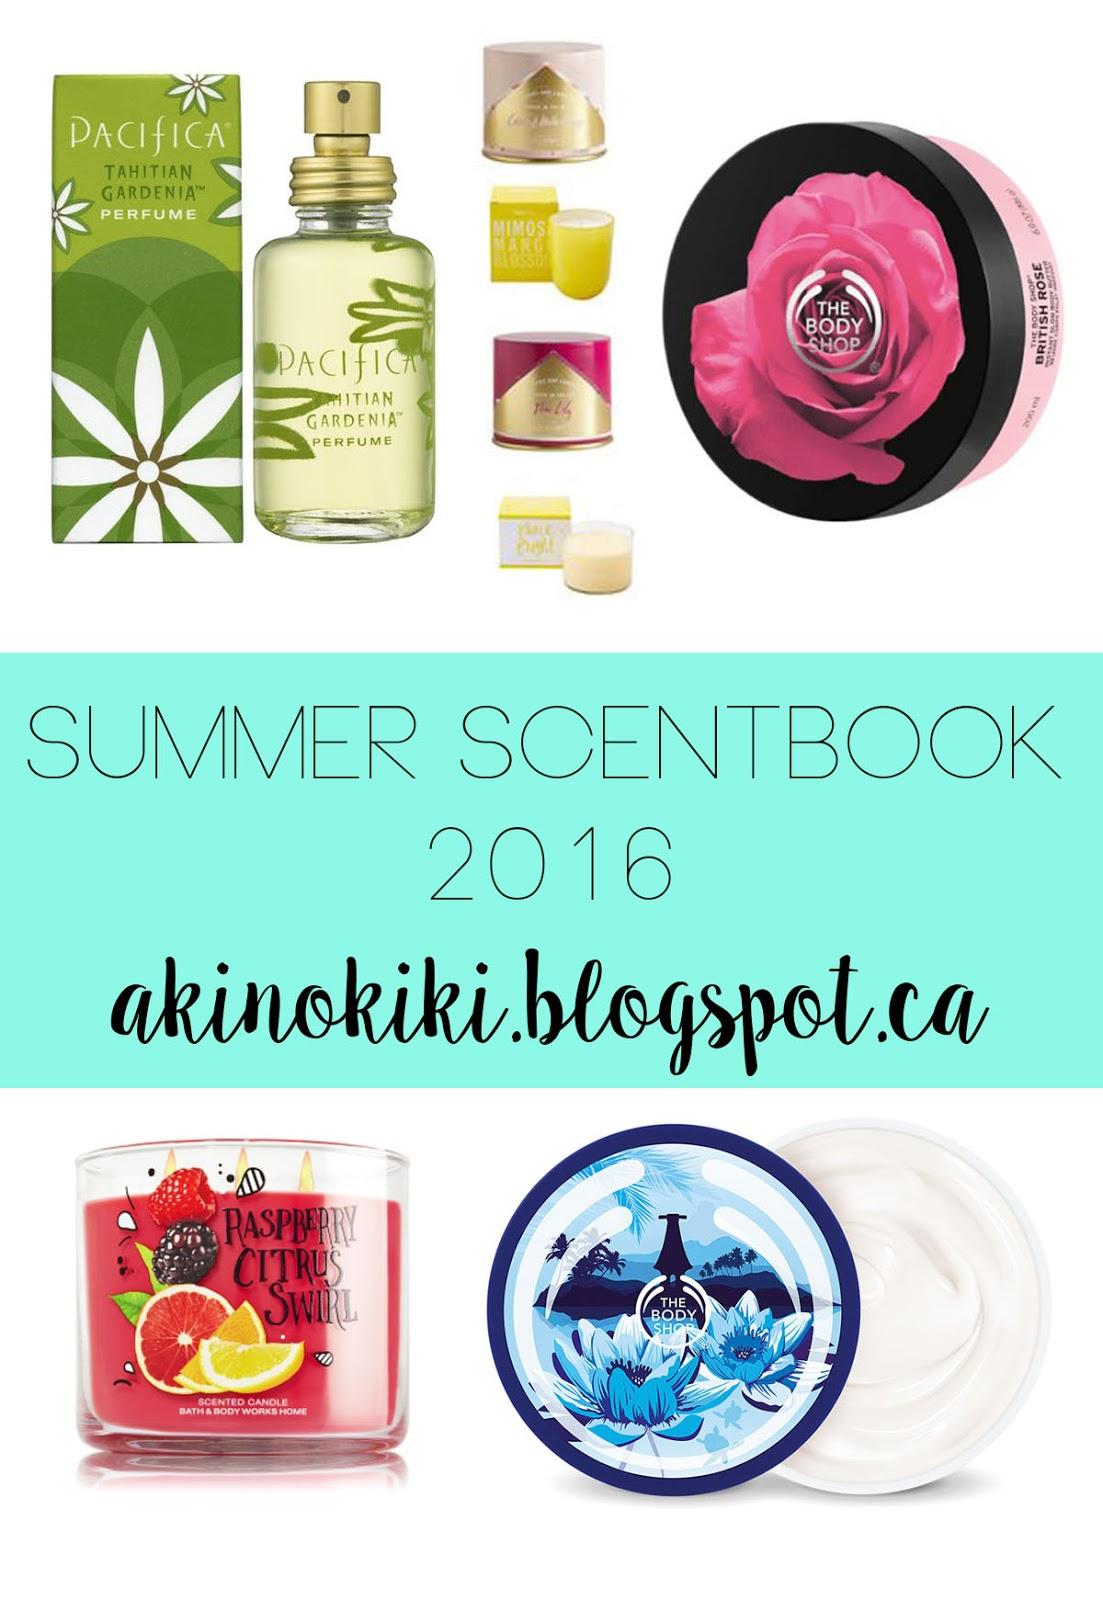 Summer Scentbook 2016 | Akinokiki